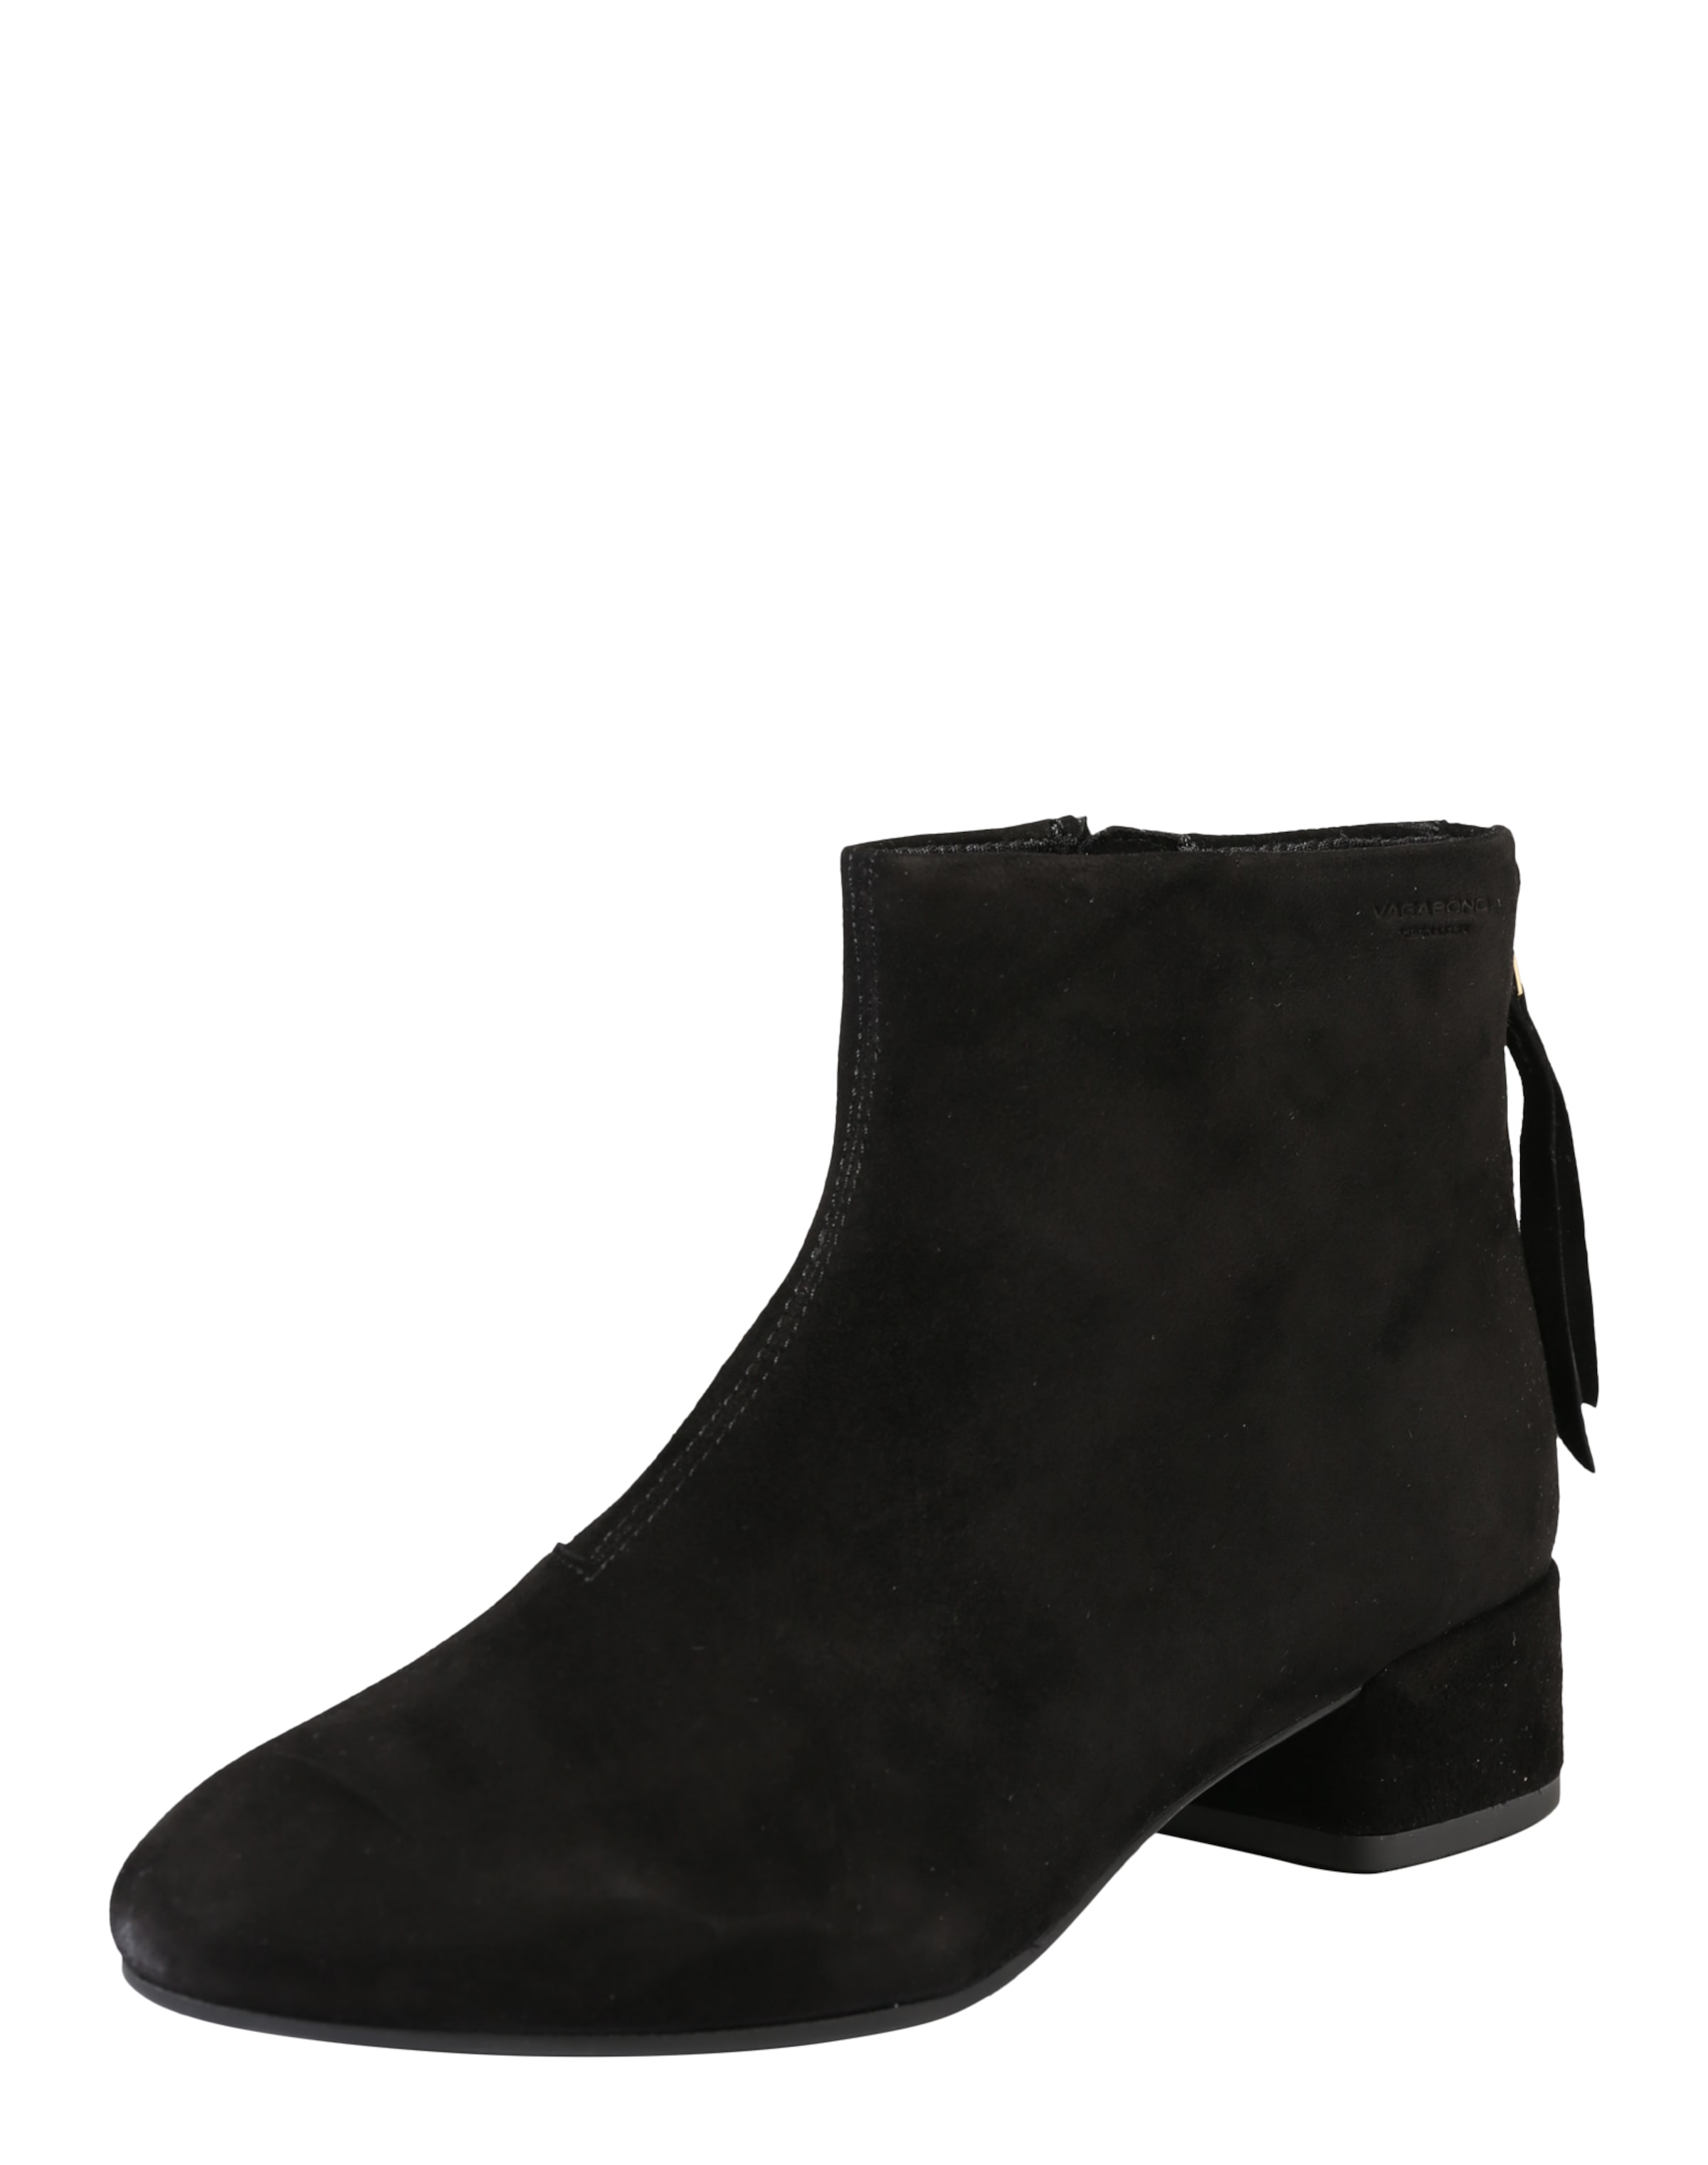 VAGABOND SHOEMAKERS Stiefelette Jamilla Verschleißfeste billige Schuhe